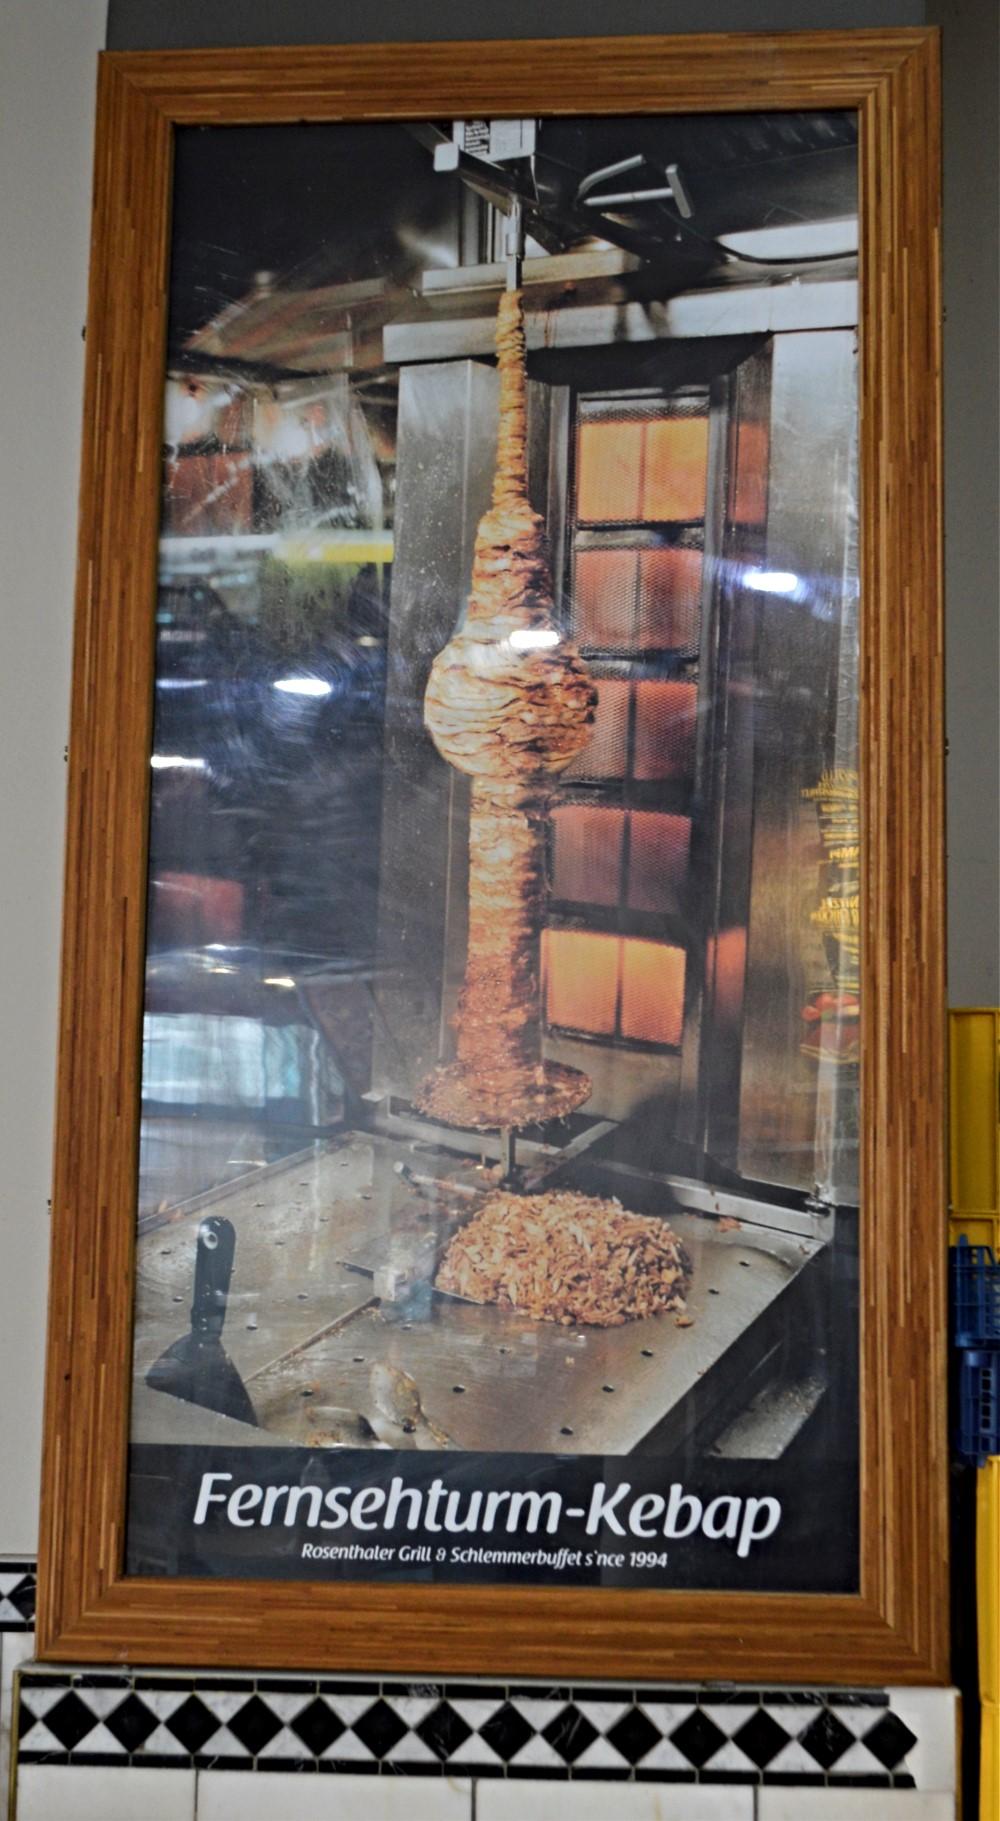 Fernsehturm Kebab Berliner Fernsehturm Döner be kitschig blog